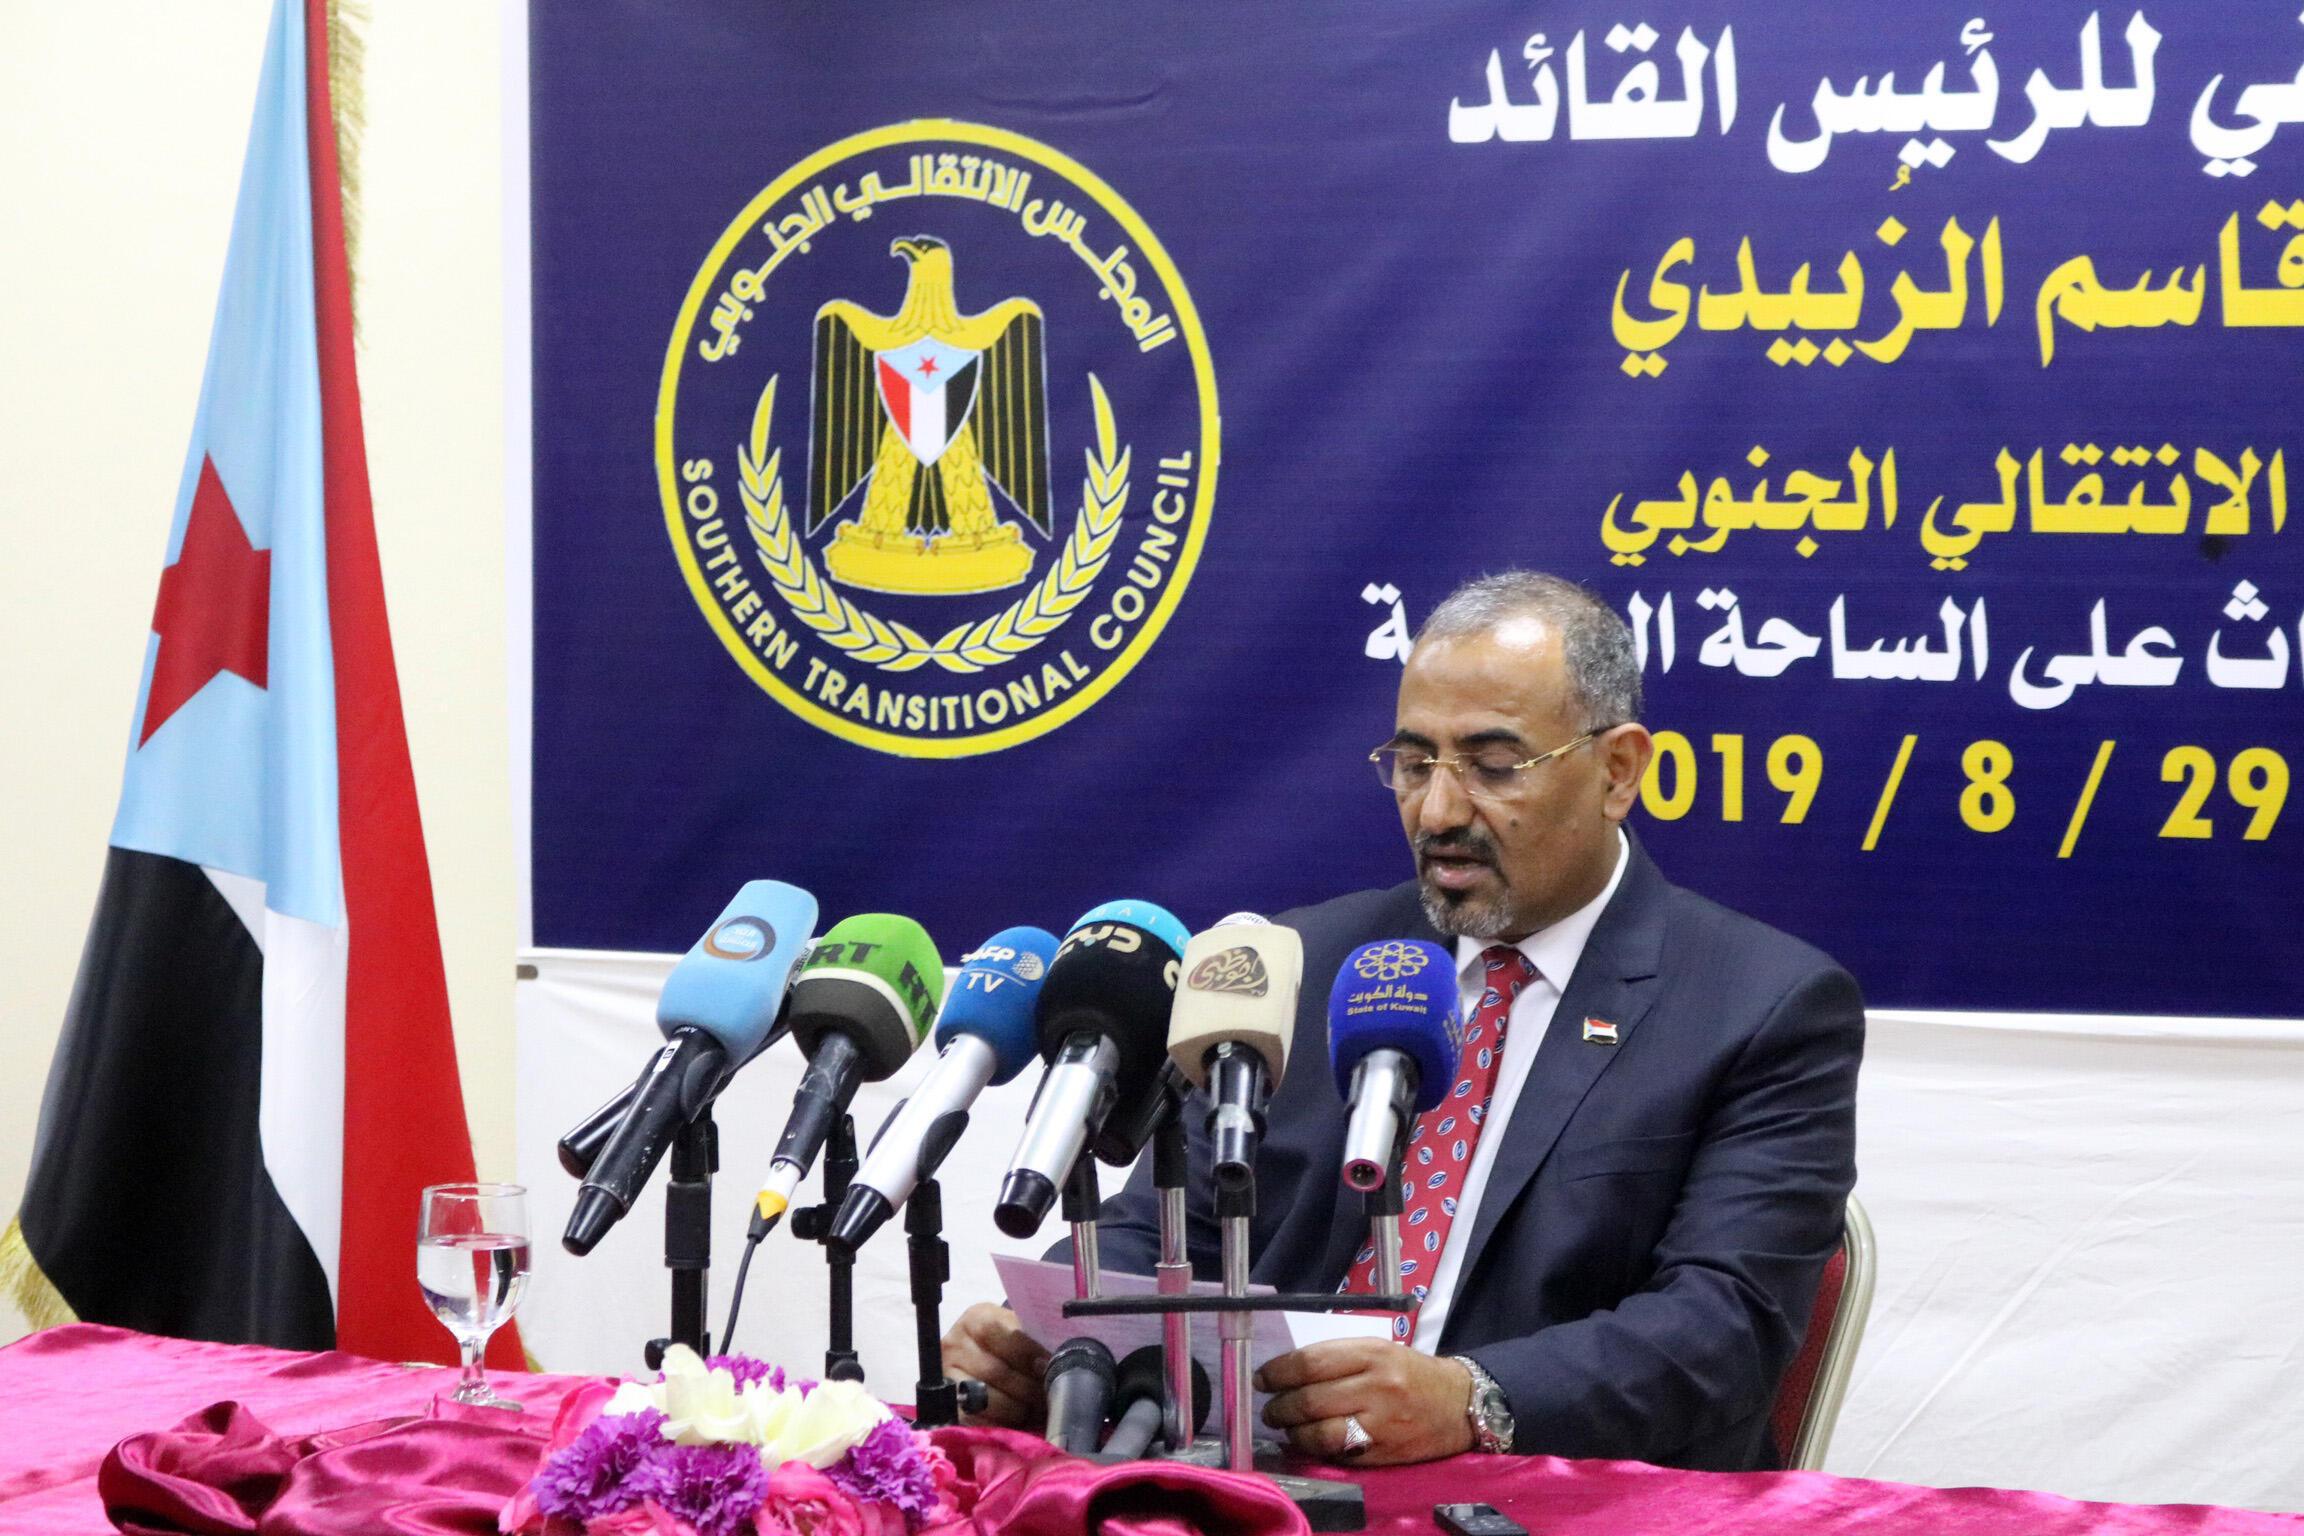 عیدروس الزبیدی، رئیس شورای انتقالی جنوب، ۲۹ اوت ۲۰۱۹